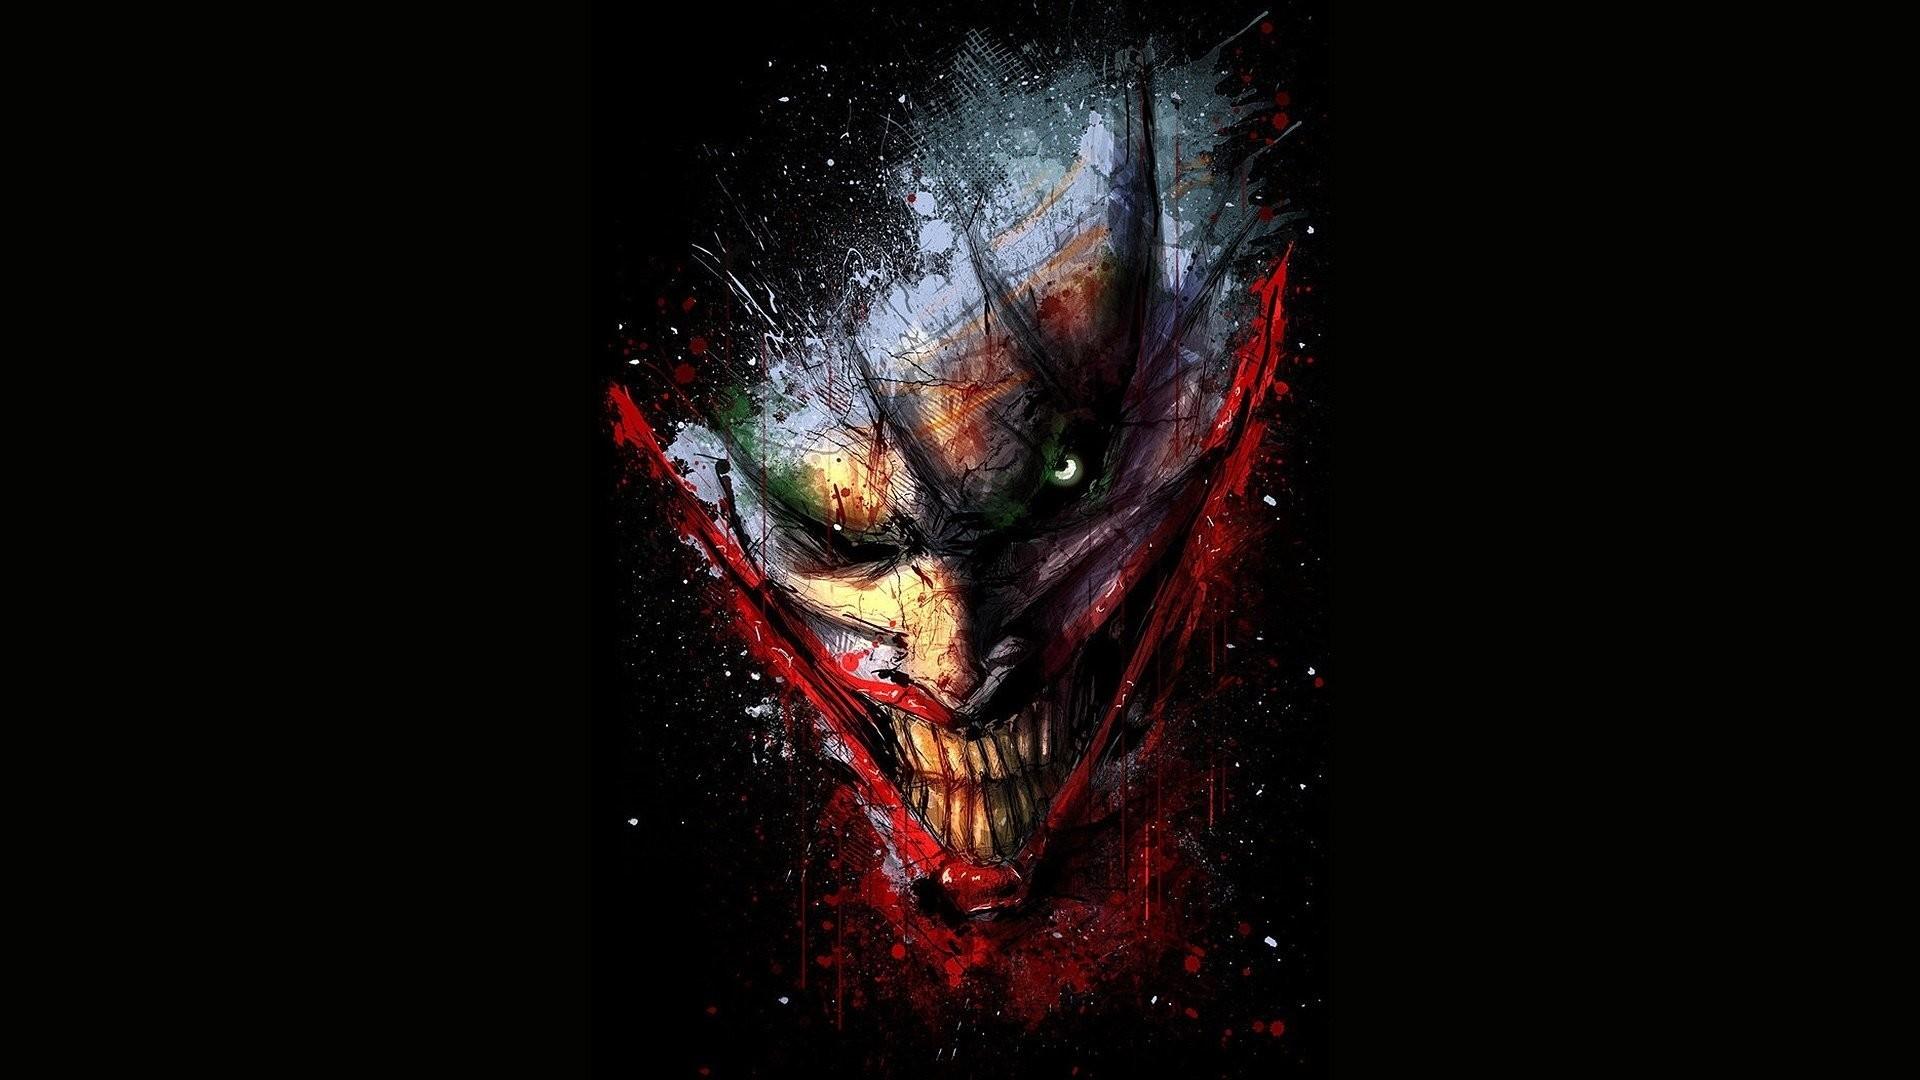 Scary Joker Wallpaper 1